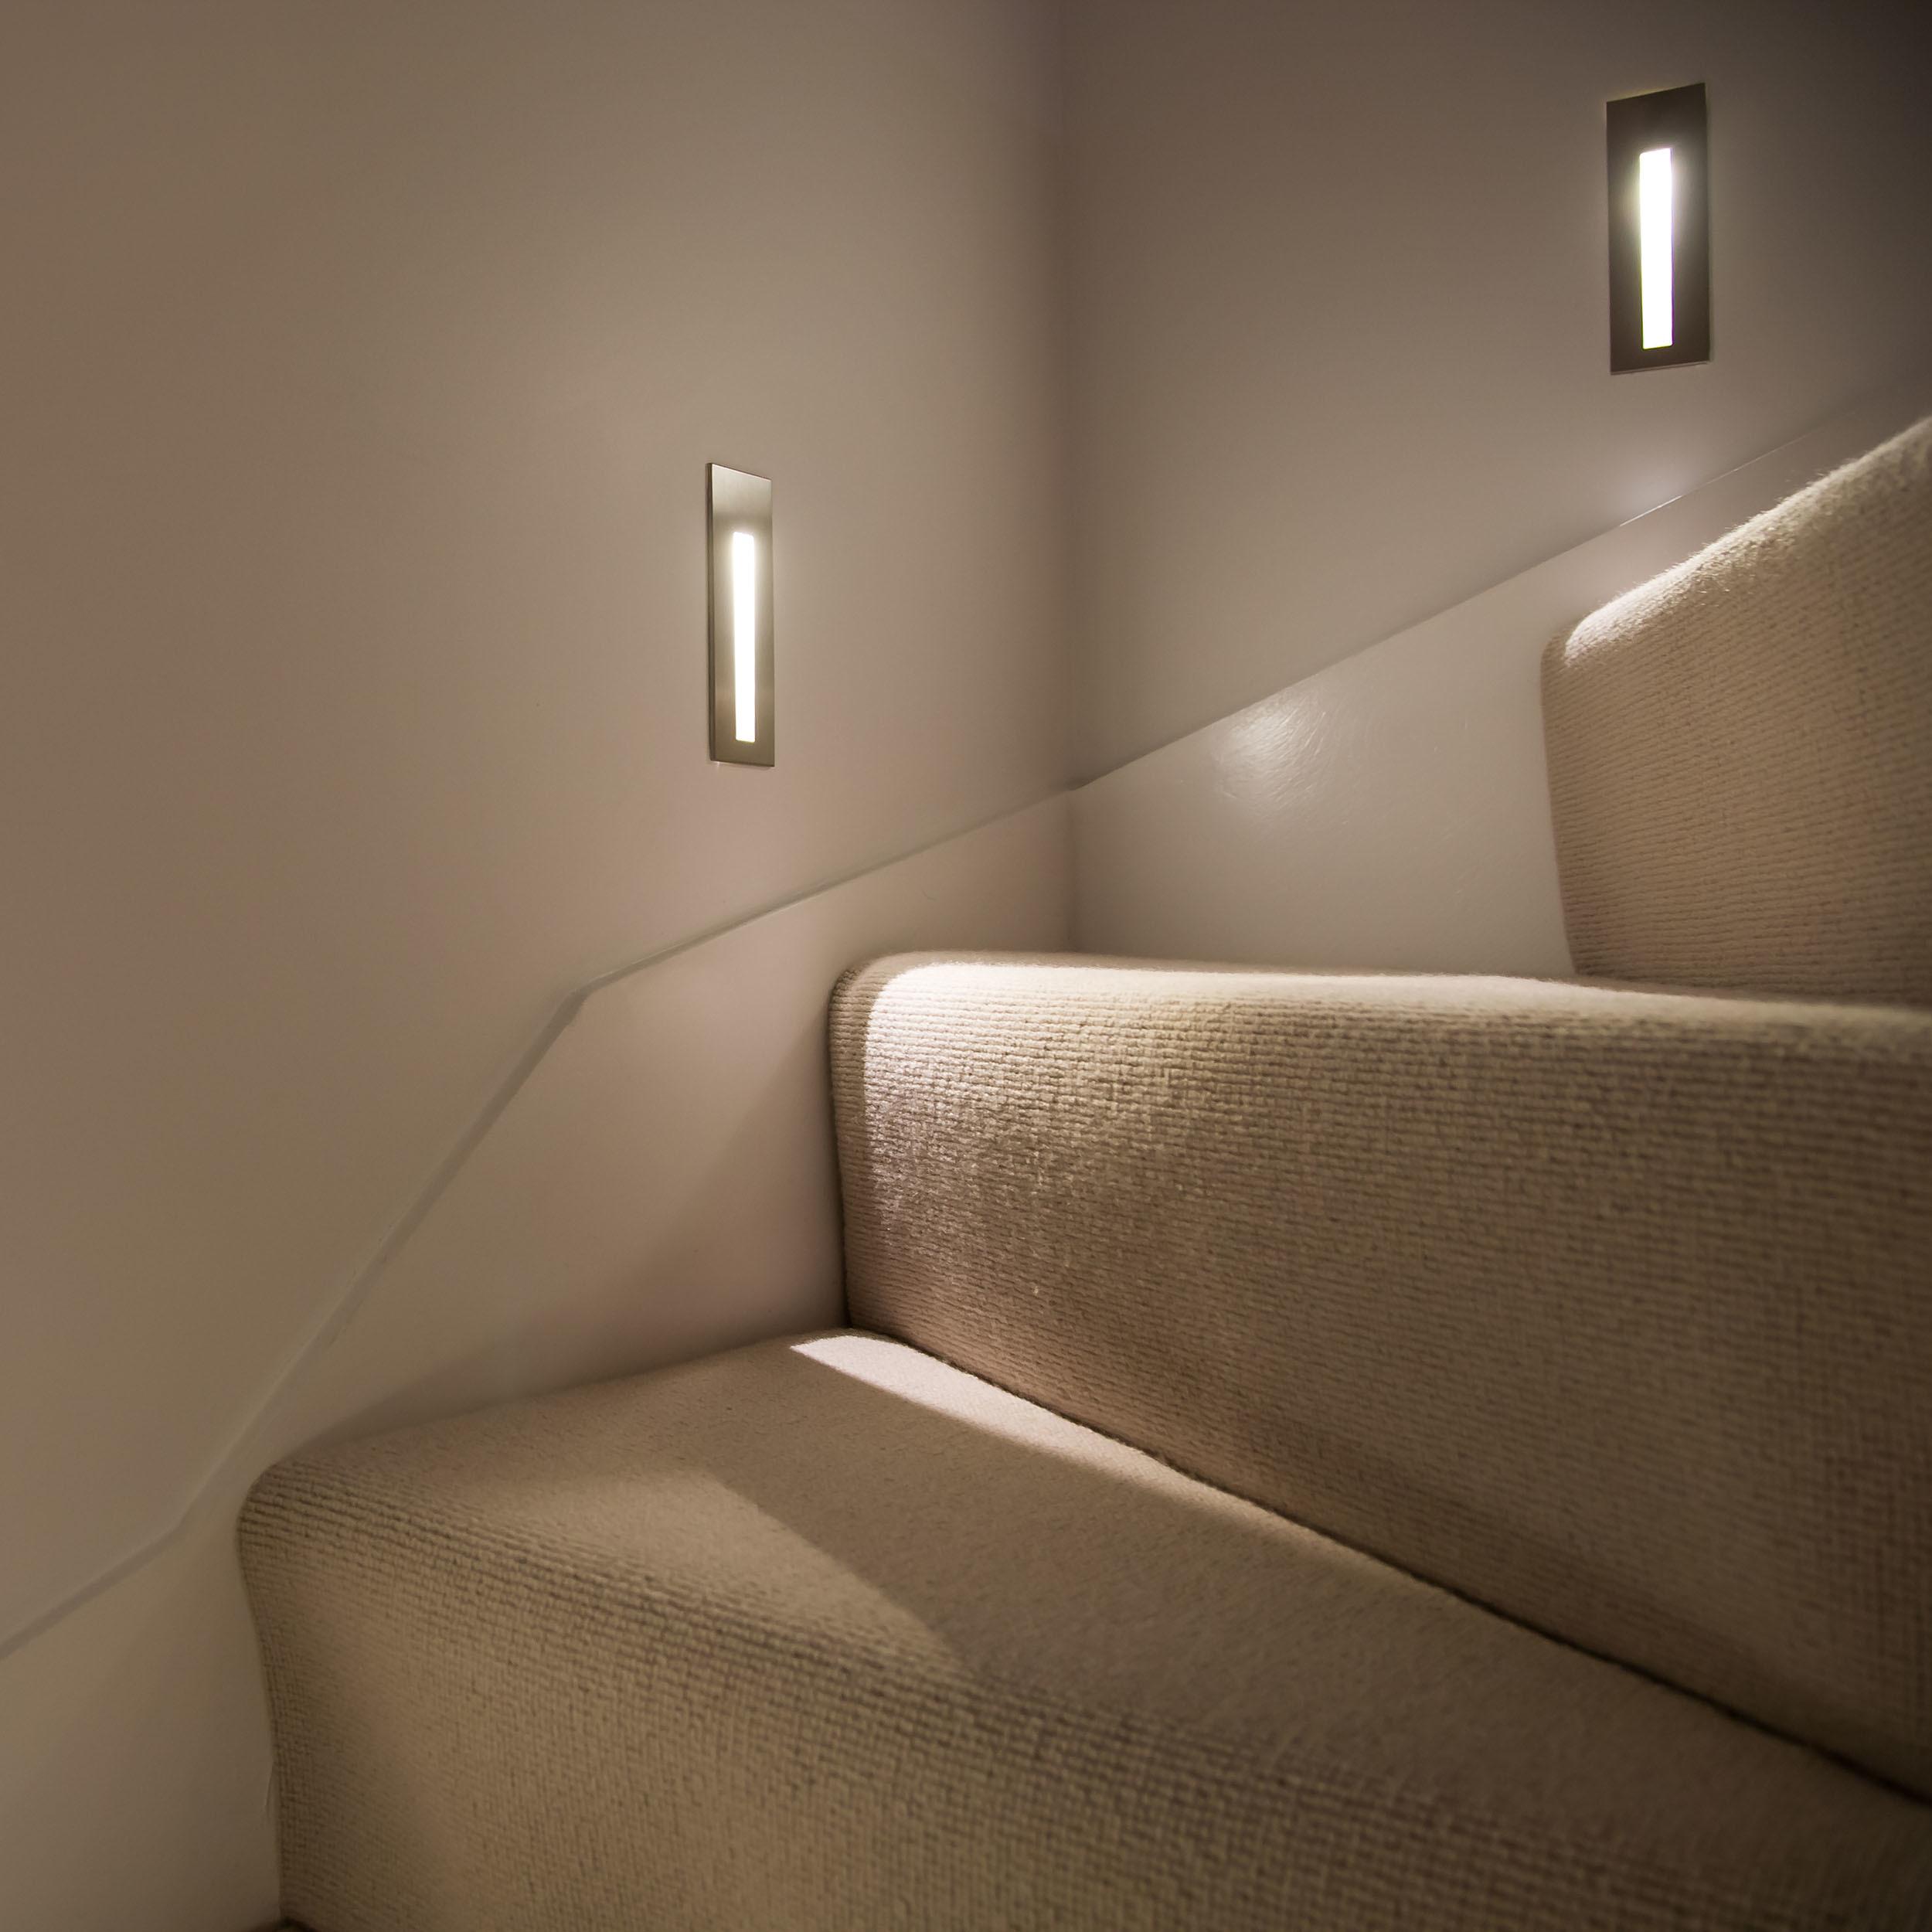 Встраиваемый настенный светодиодный светильник Astro Borgo 1212002 (971), LED 2W 3000K 38.8lm CRI80, хром, металл - фото 4